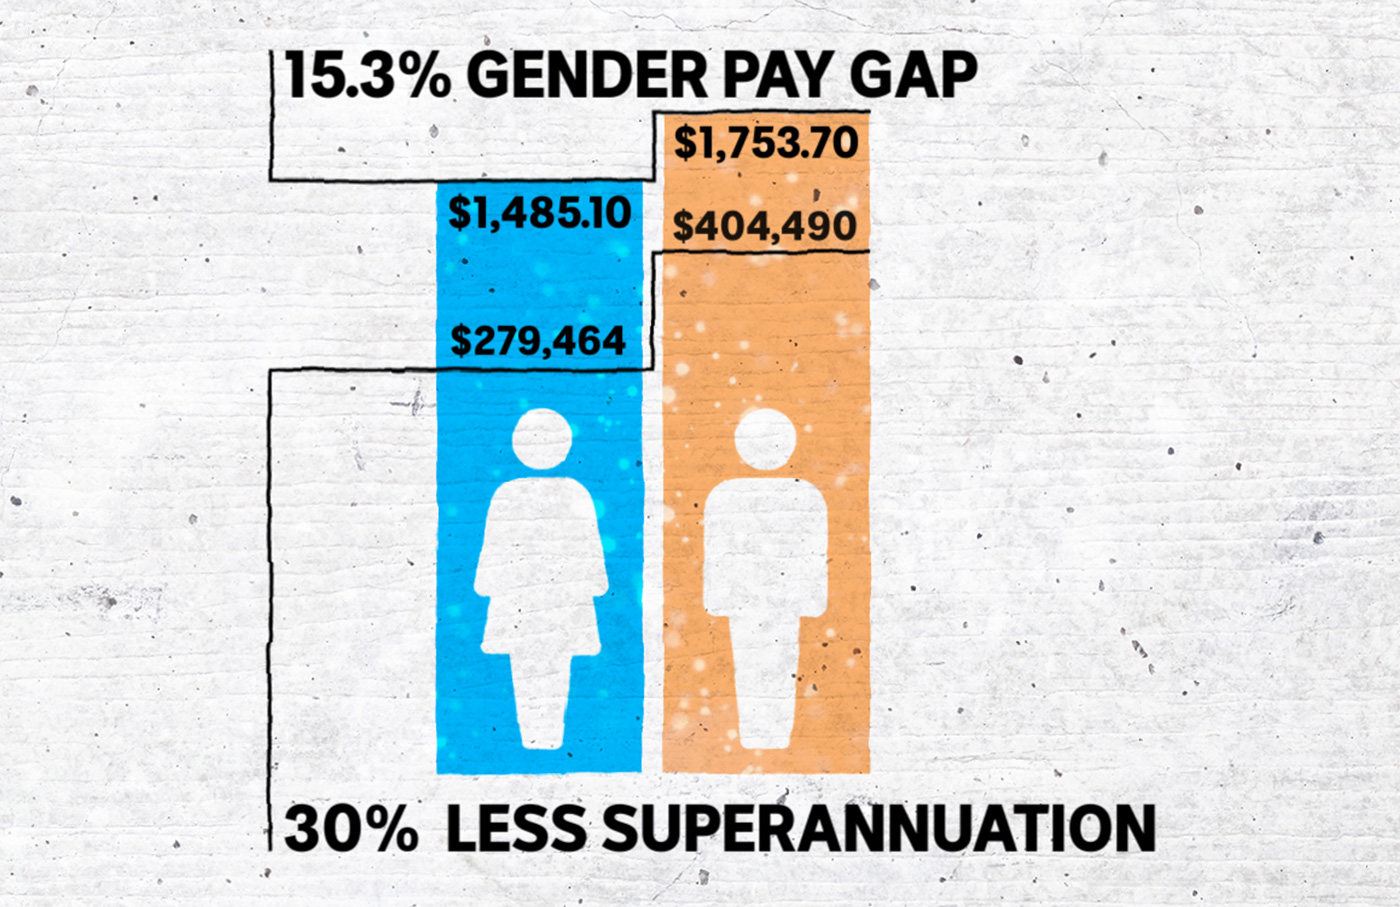 Graphic showing gender pay gap inQueensland.